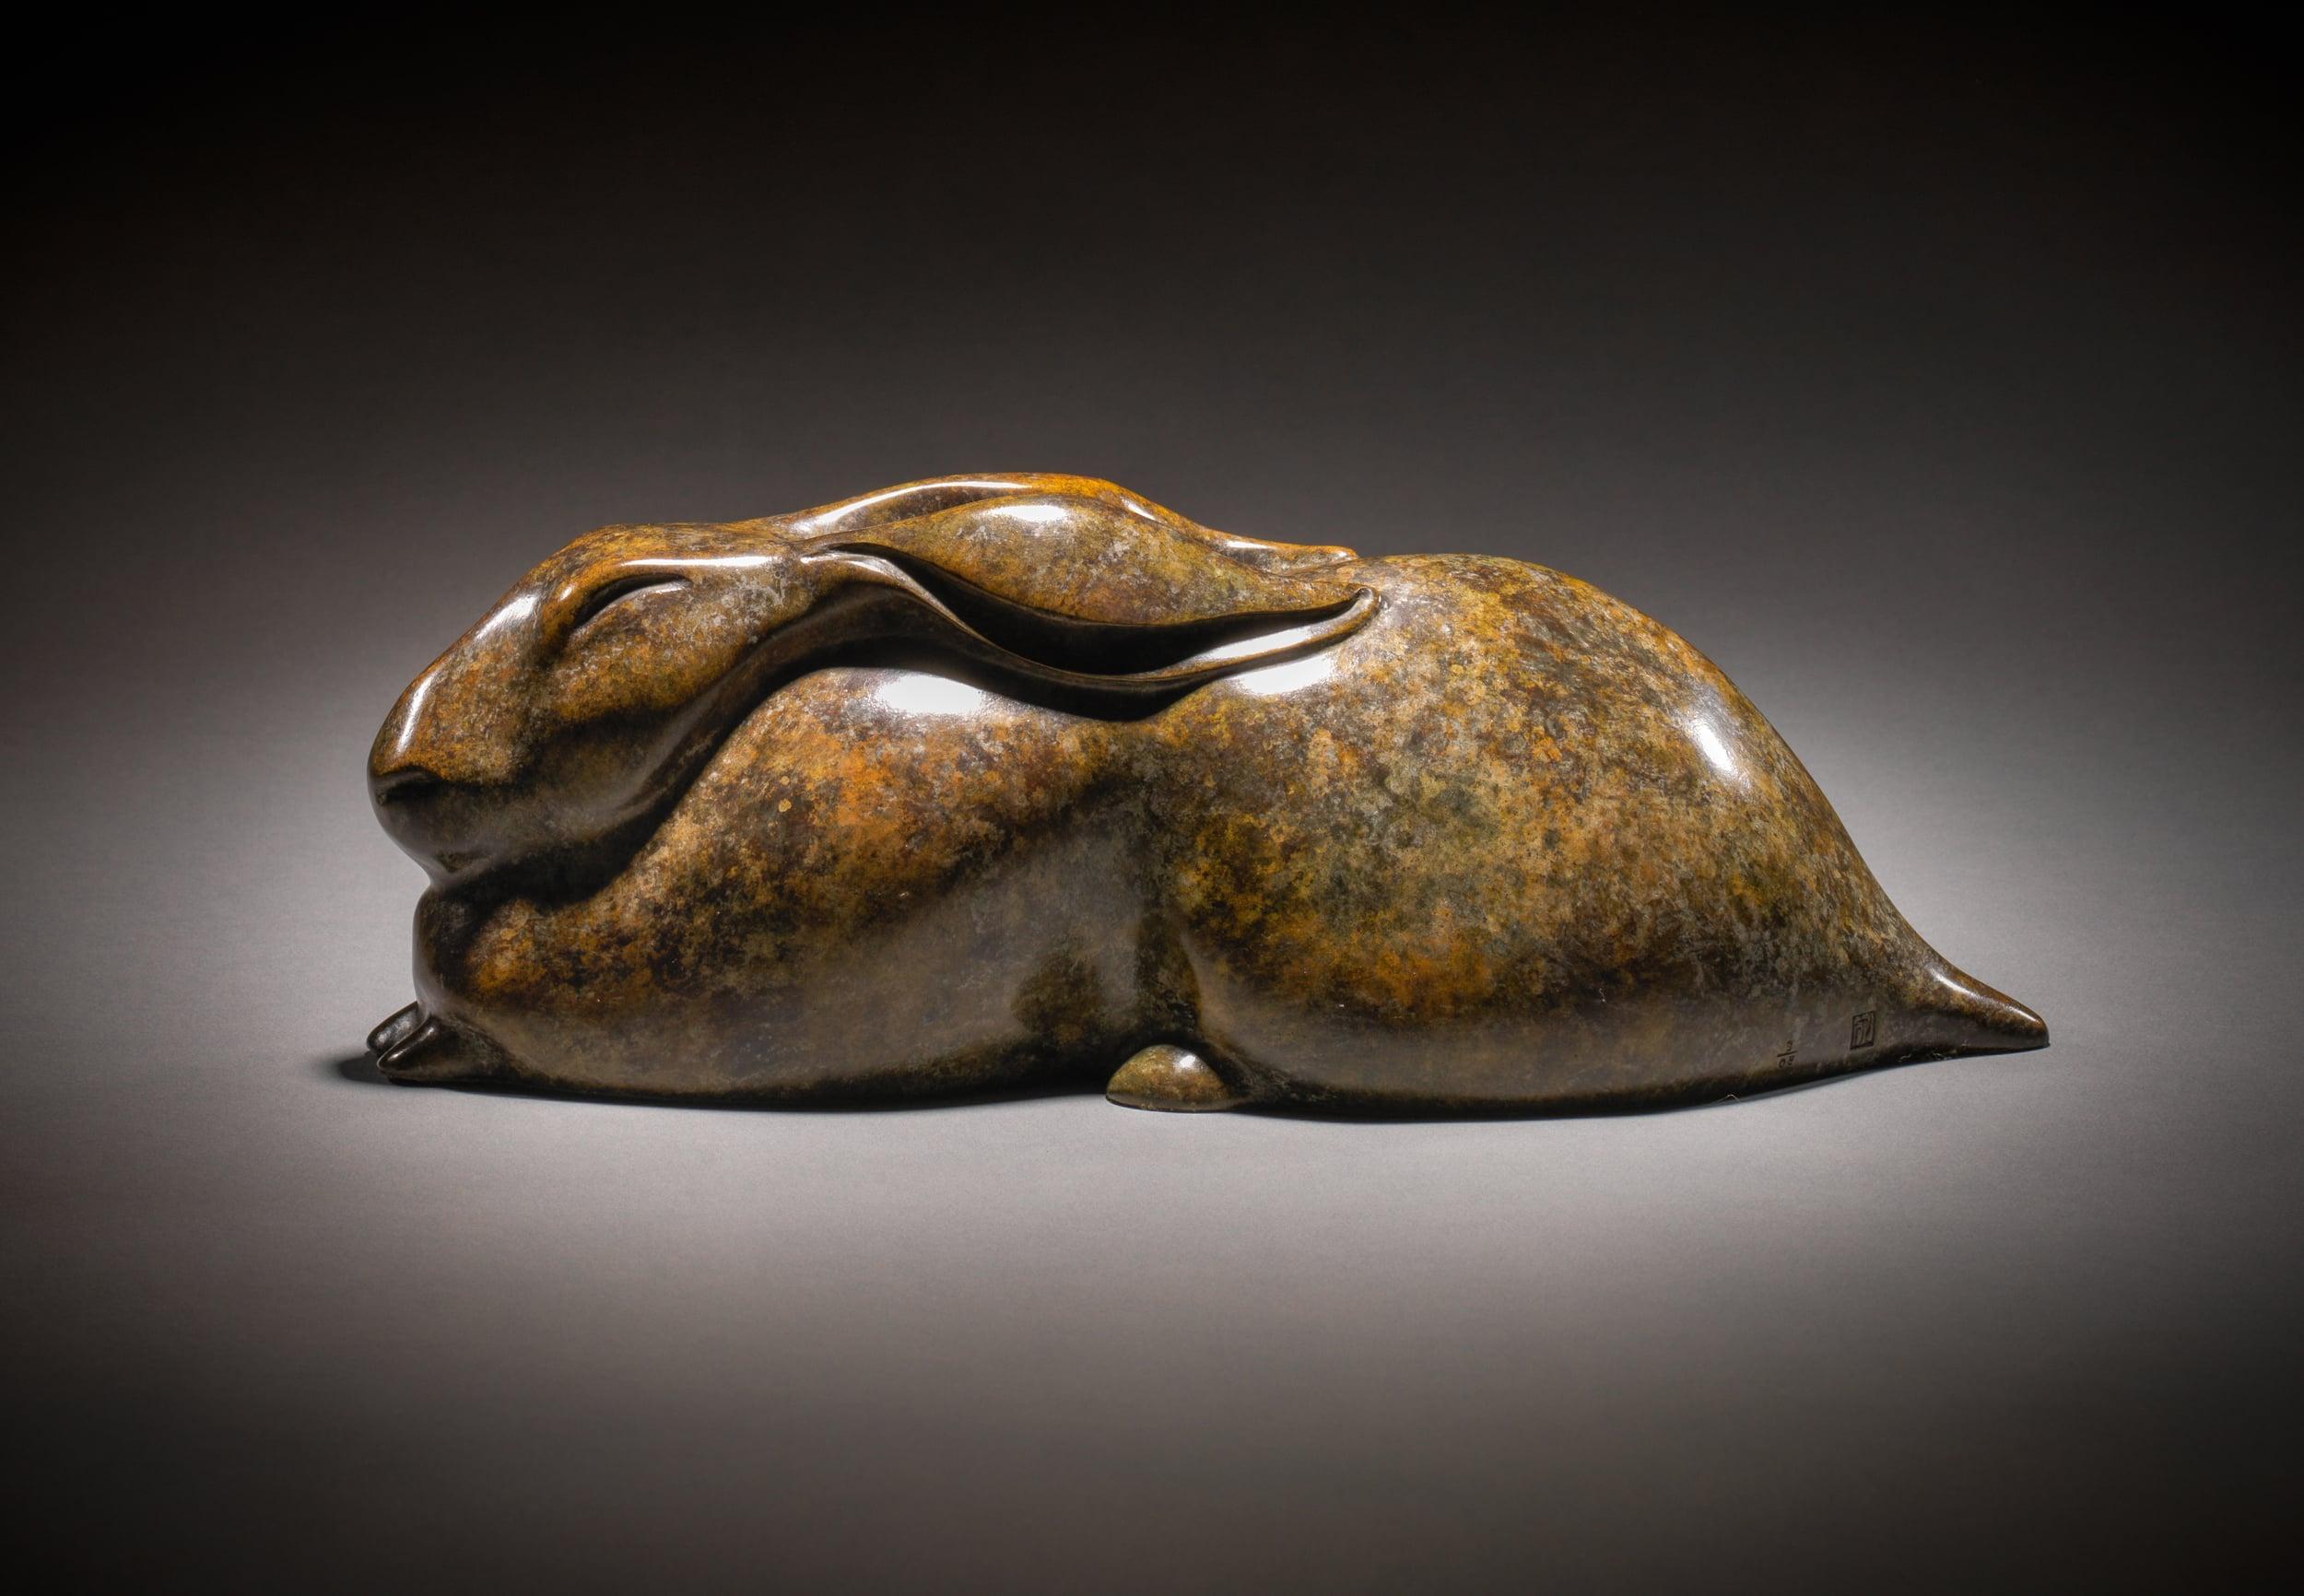 Hare by Simon Gudgeon - £4250.00